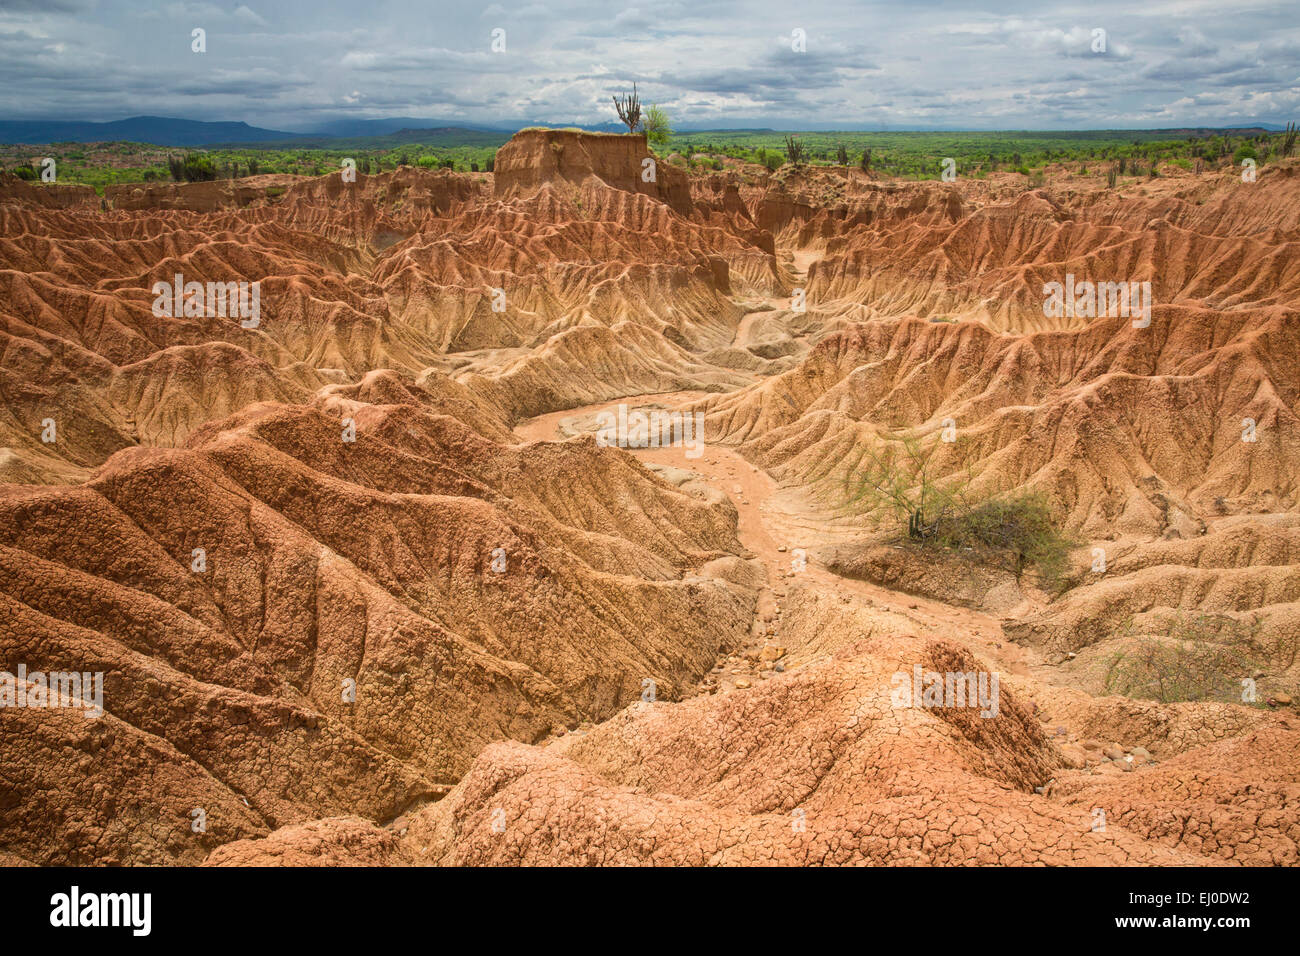 Amérique du Sud, Amérique latine, Colombie, nature, Tatacao, désert, des formations rocheuses, Huila, Photo Stock